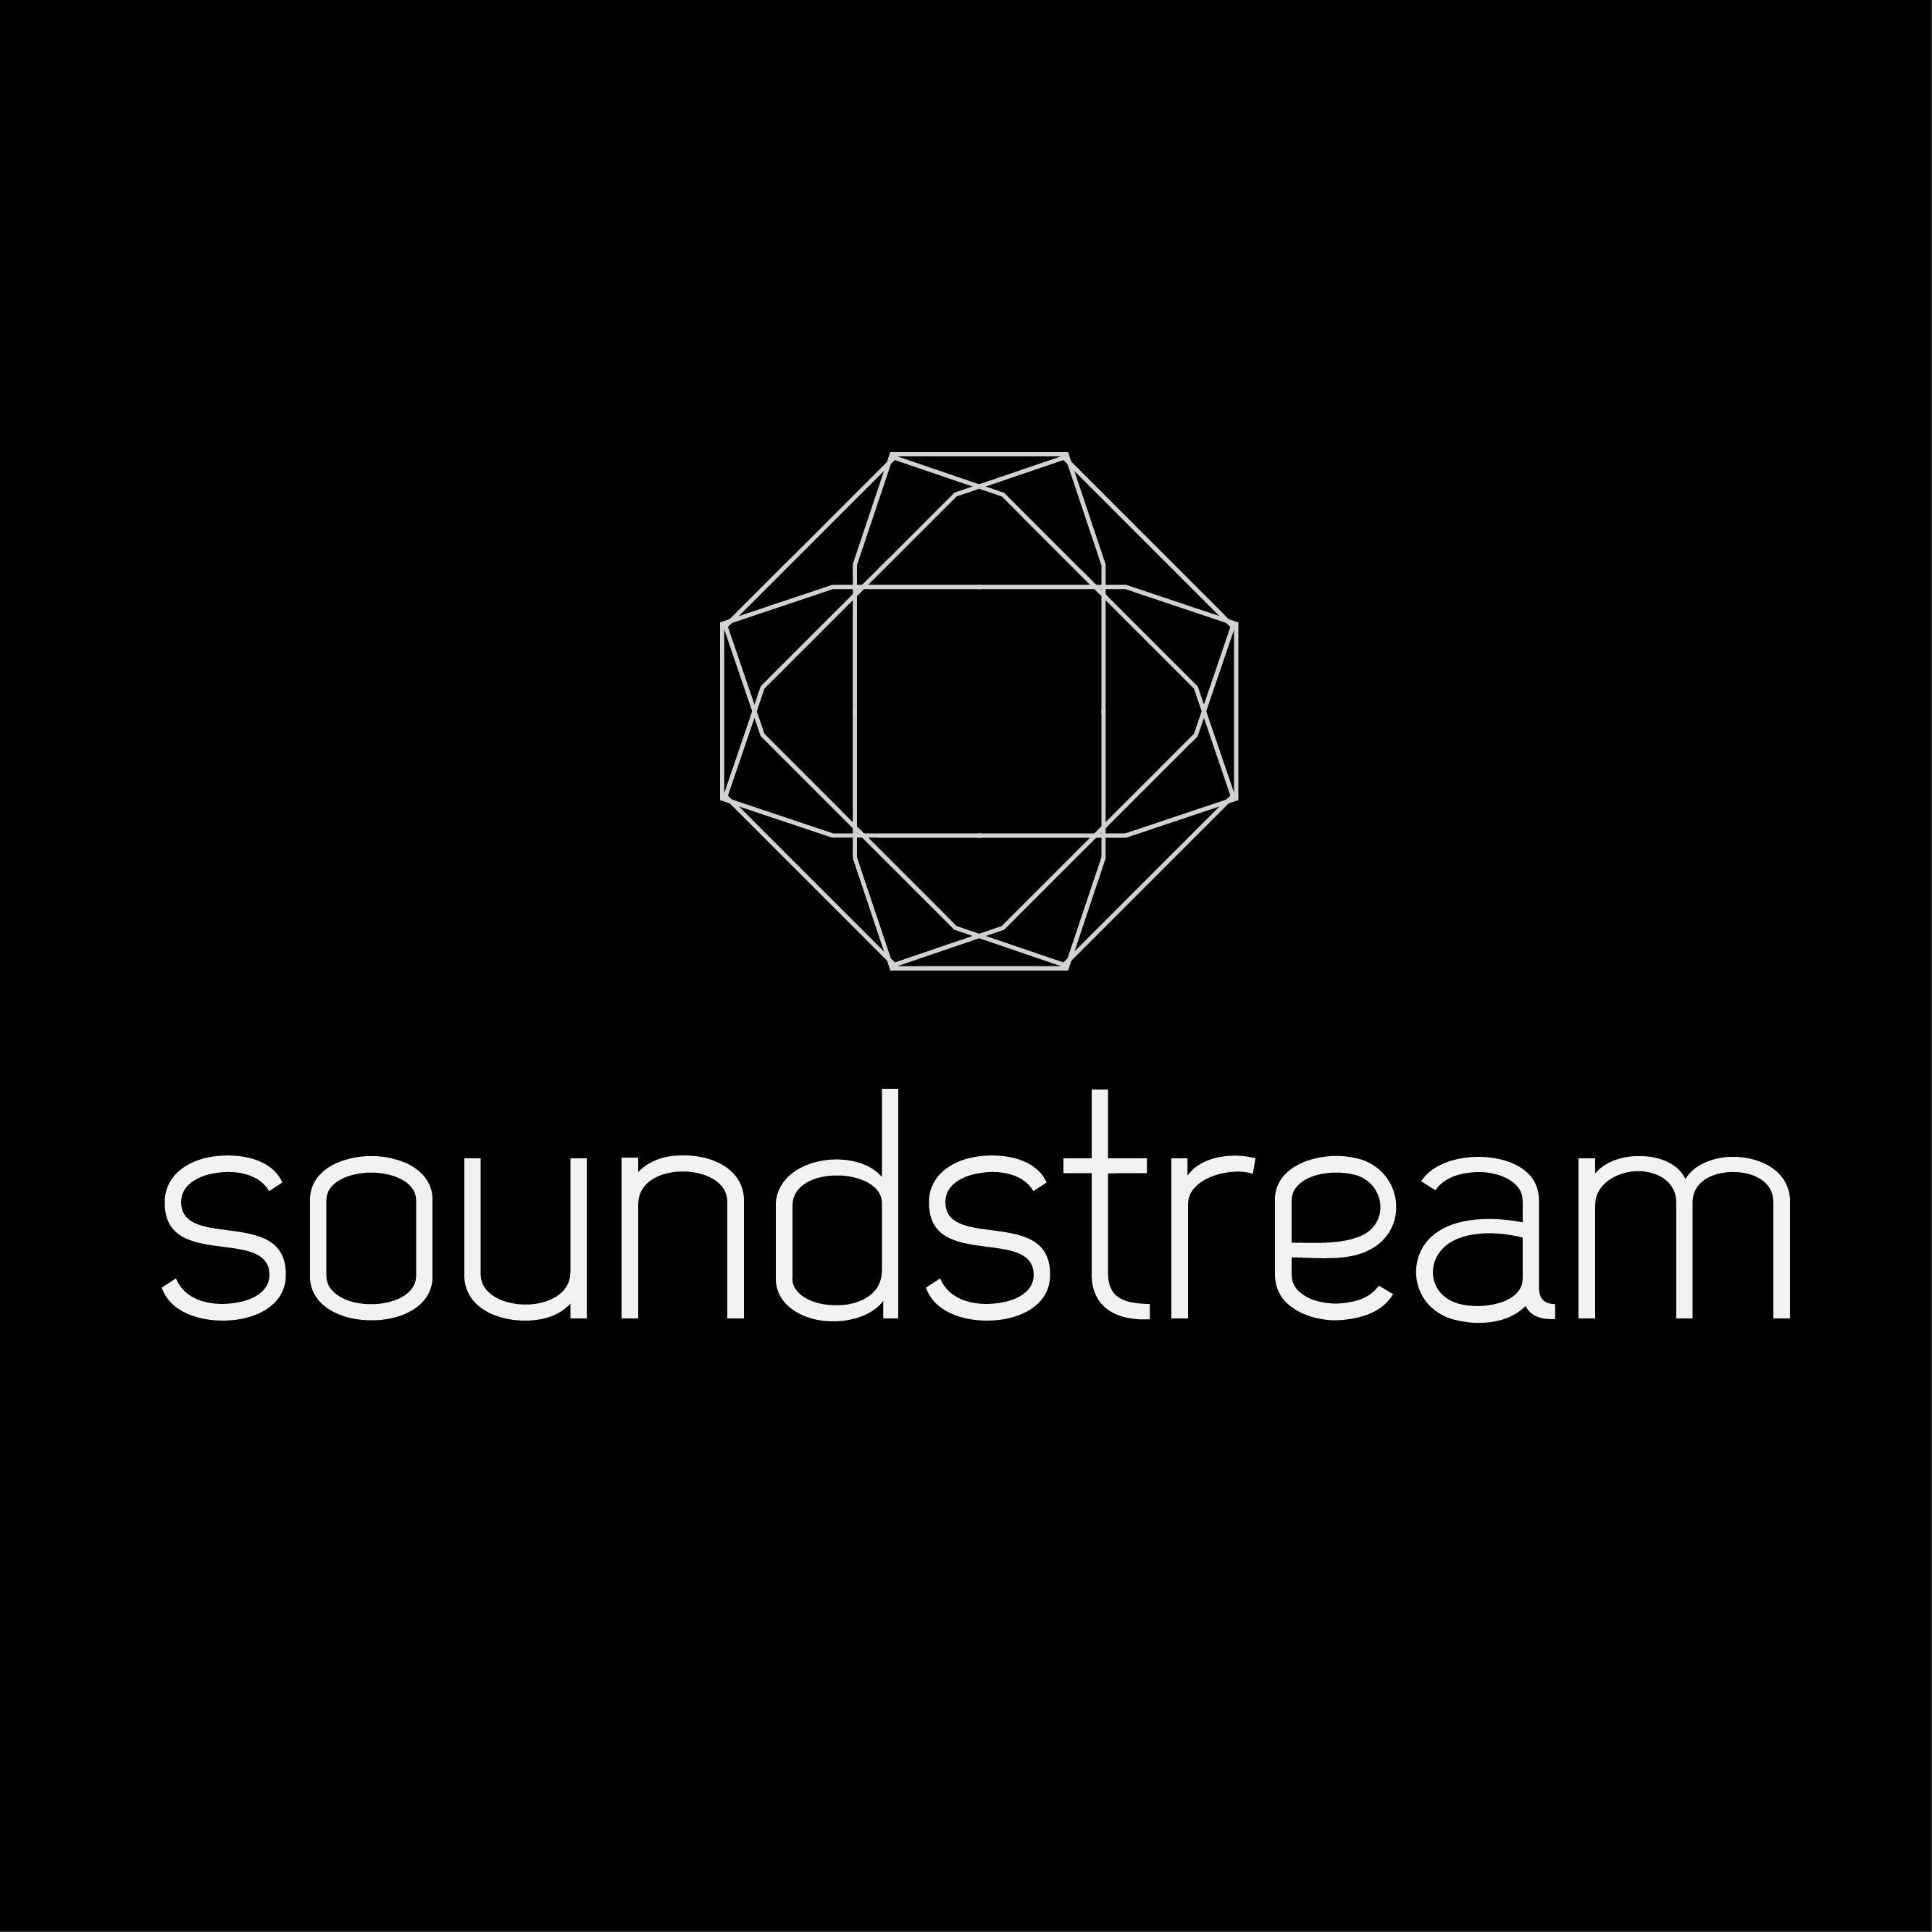 Soundstream Logo Logos design Branding Logos 2667x2667